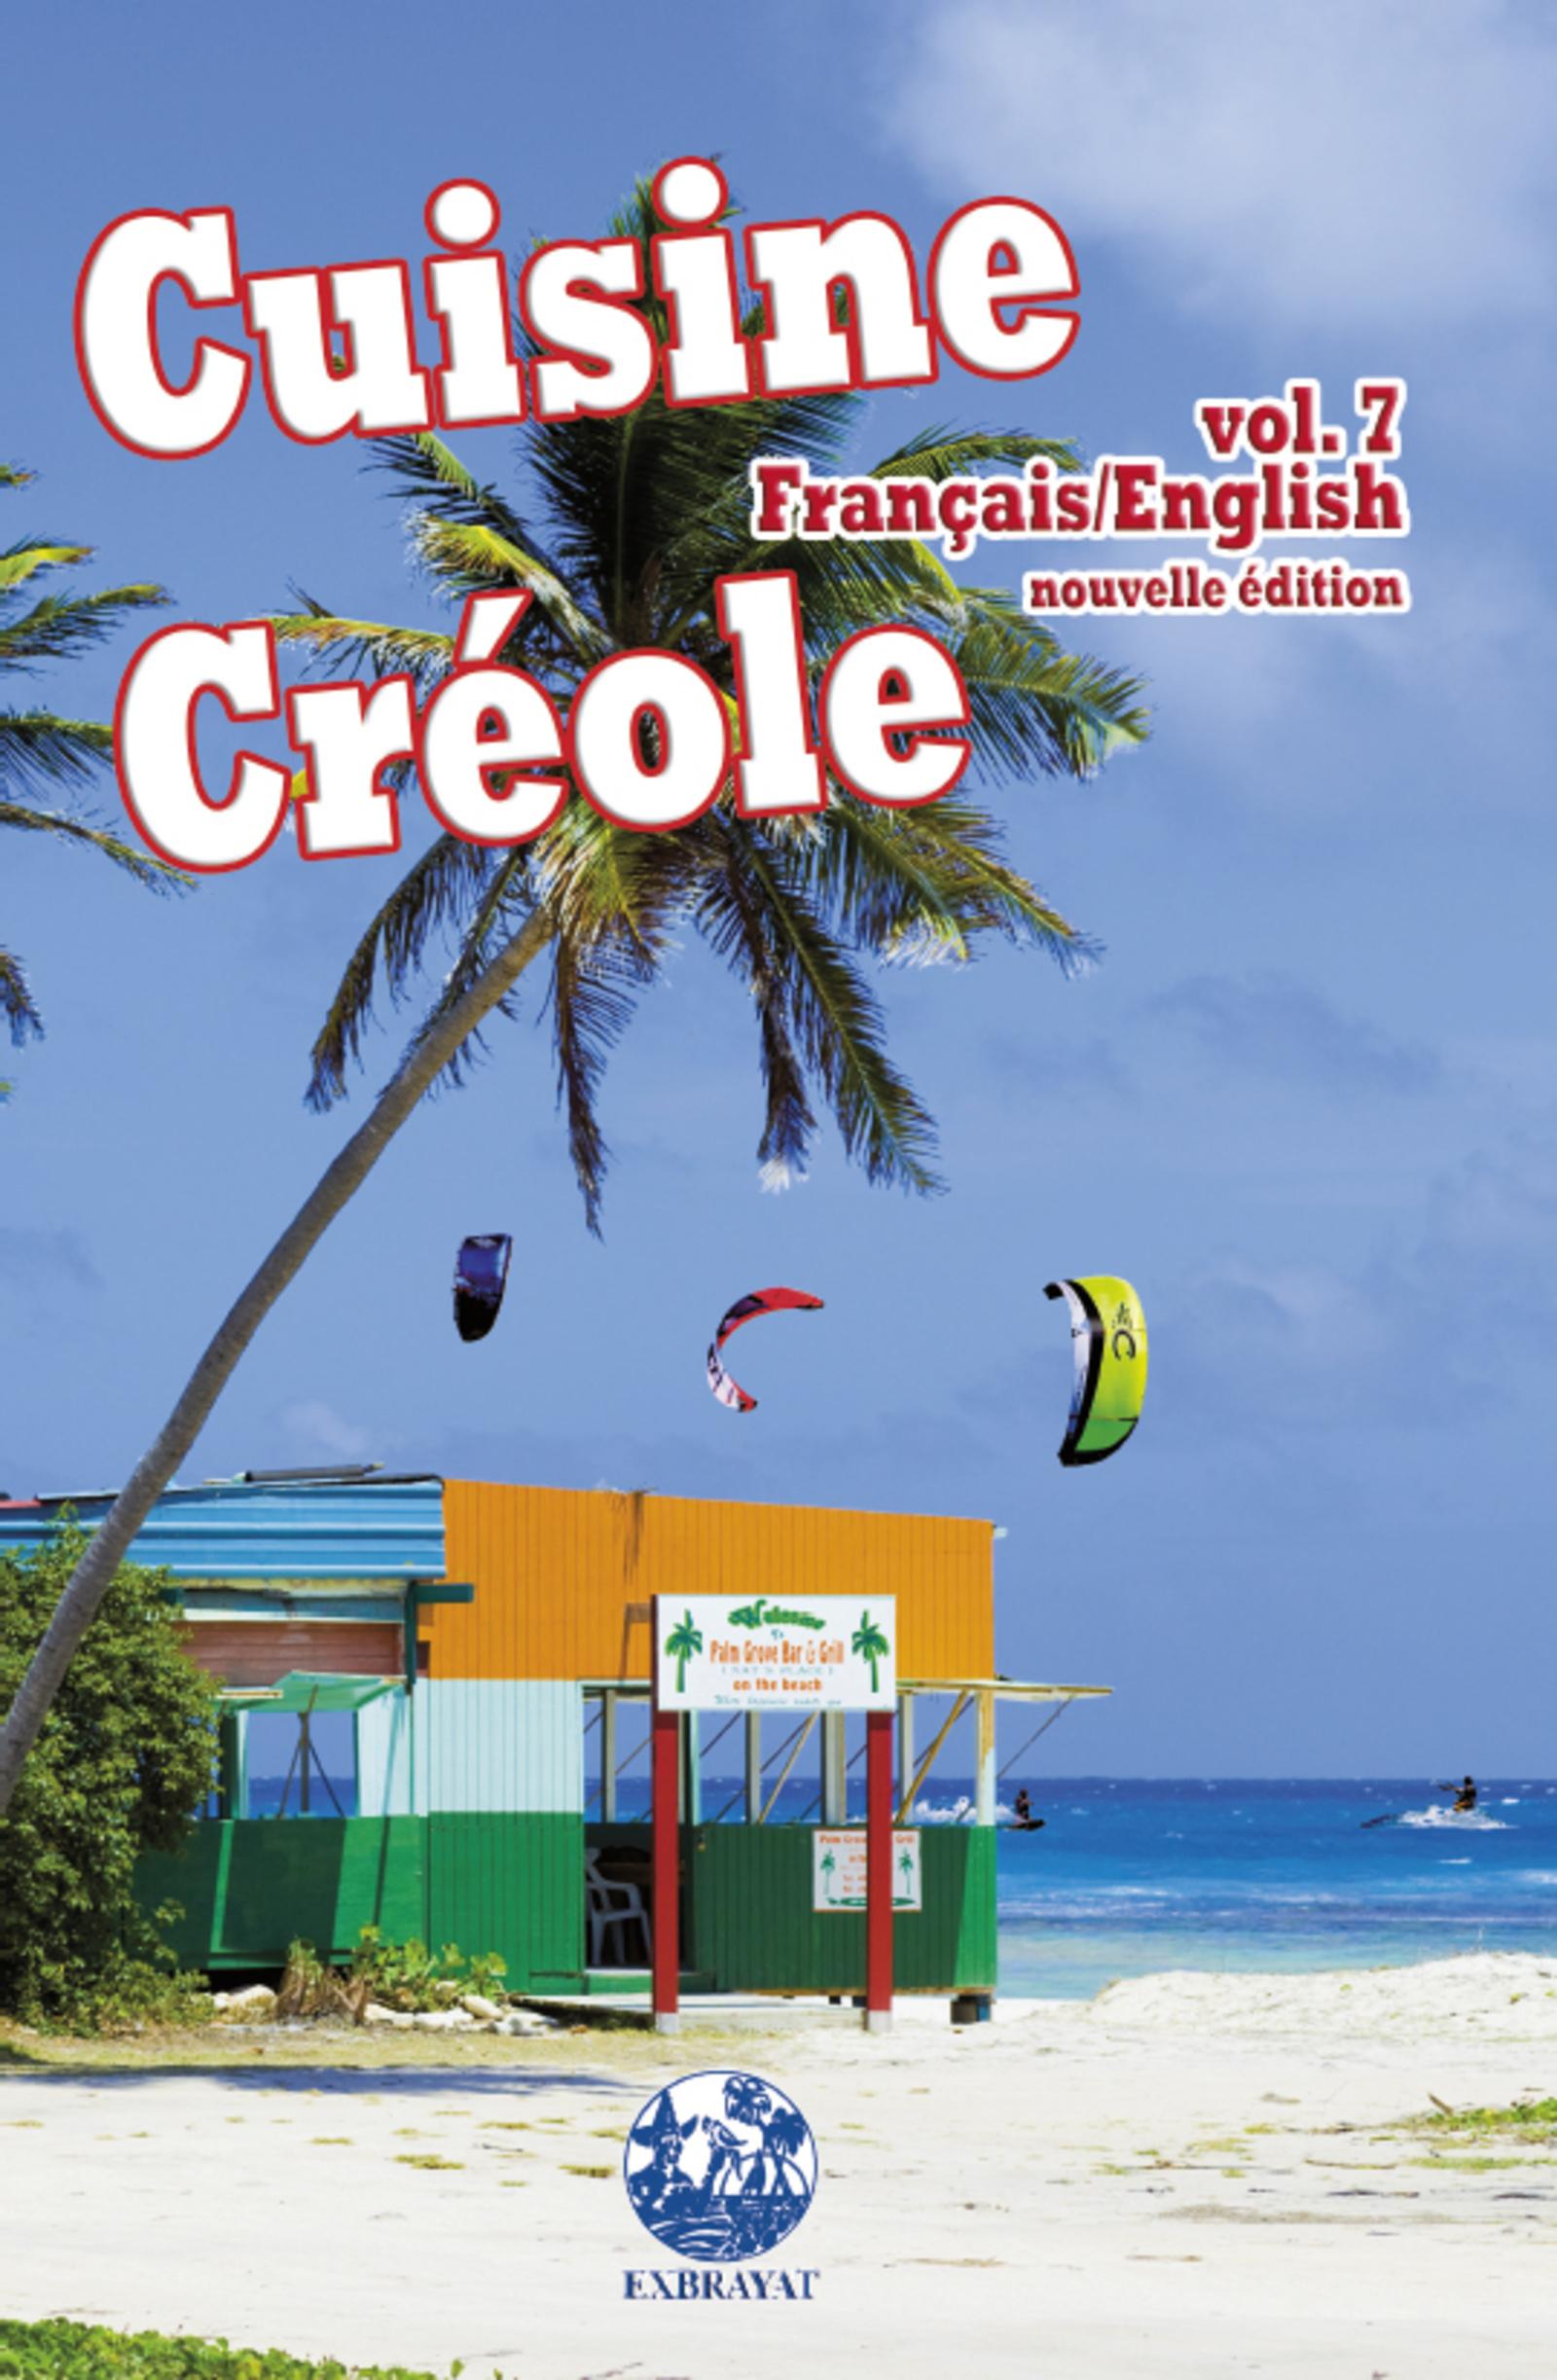 CUISINE CREOLE VOL. 7